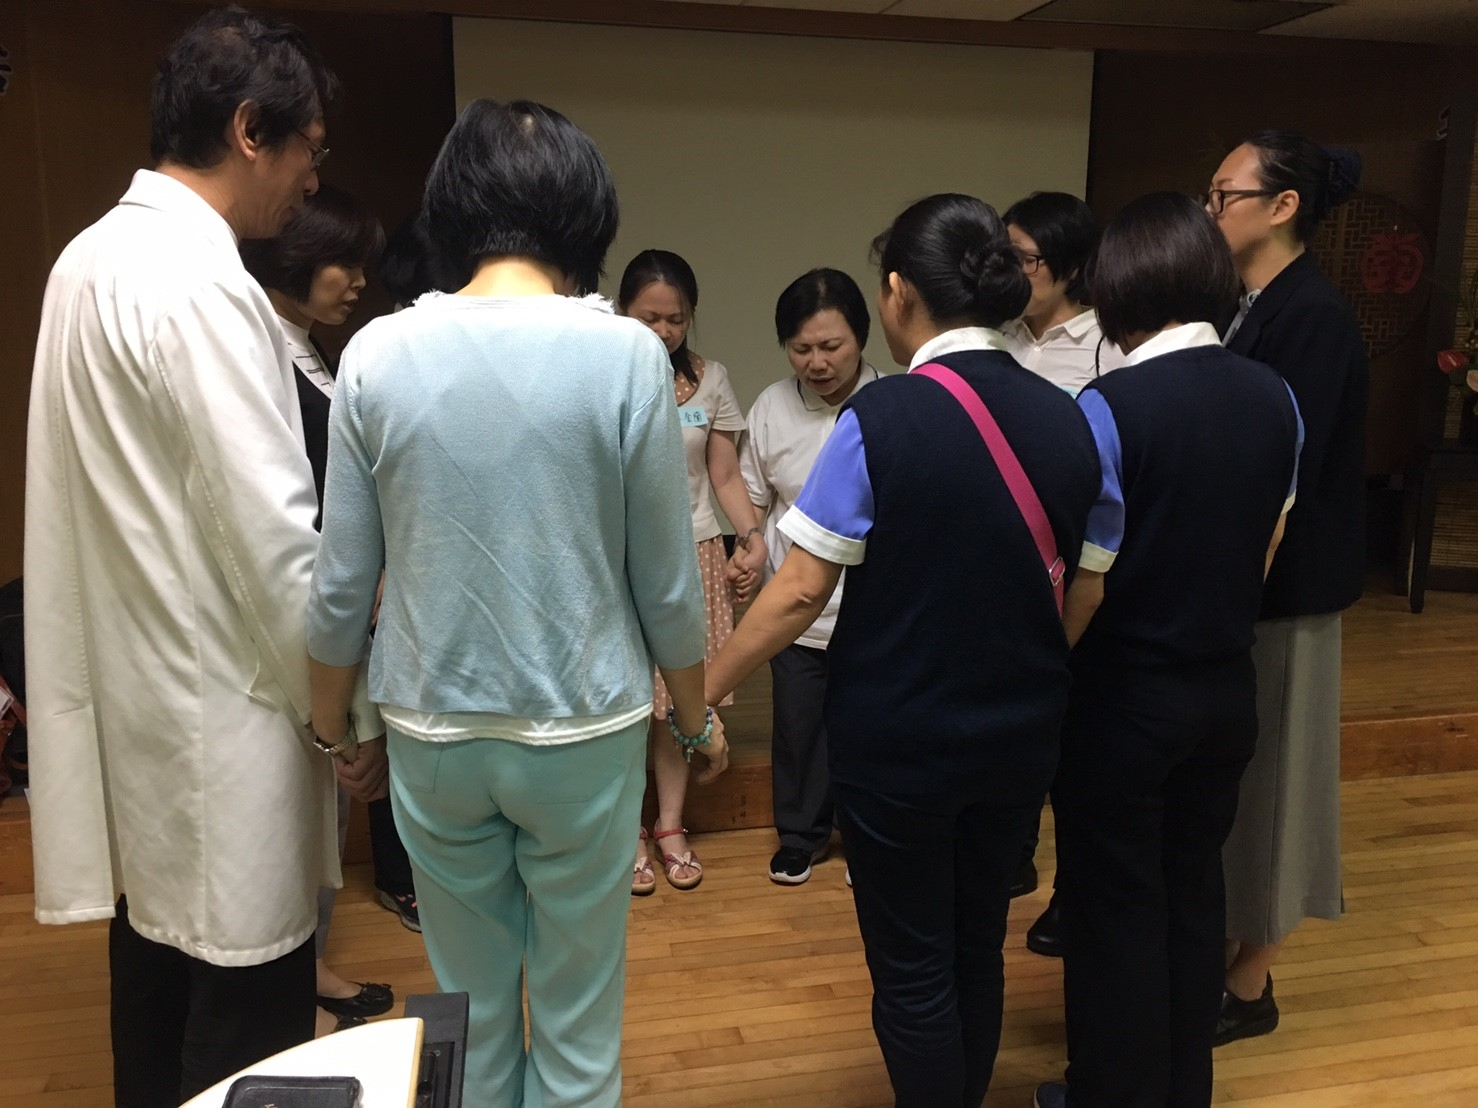 每周三中午,是恩多的社團契時間,彼此會為著肢體需要與醫院工作代禱。